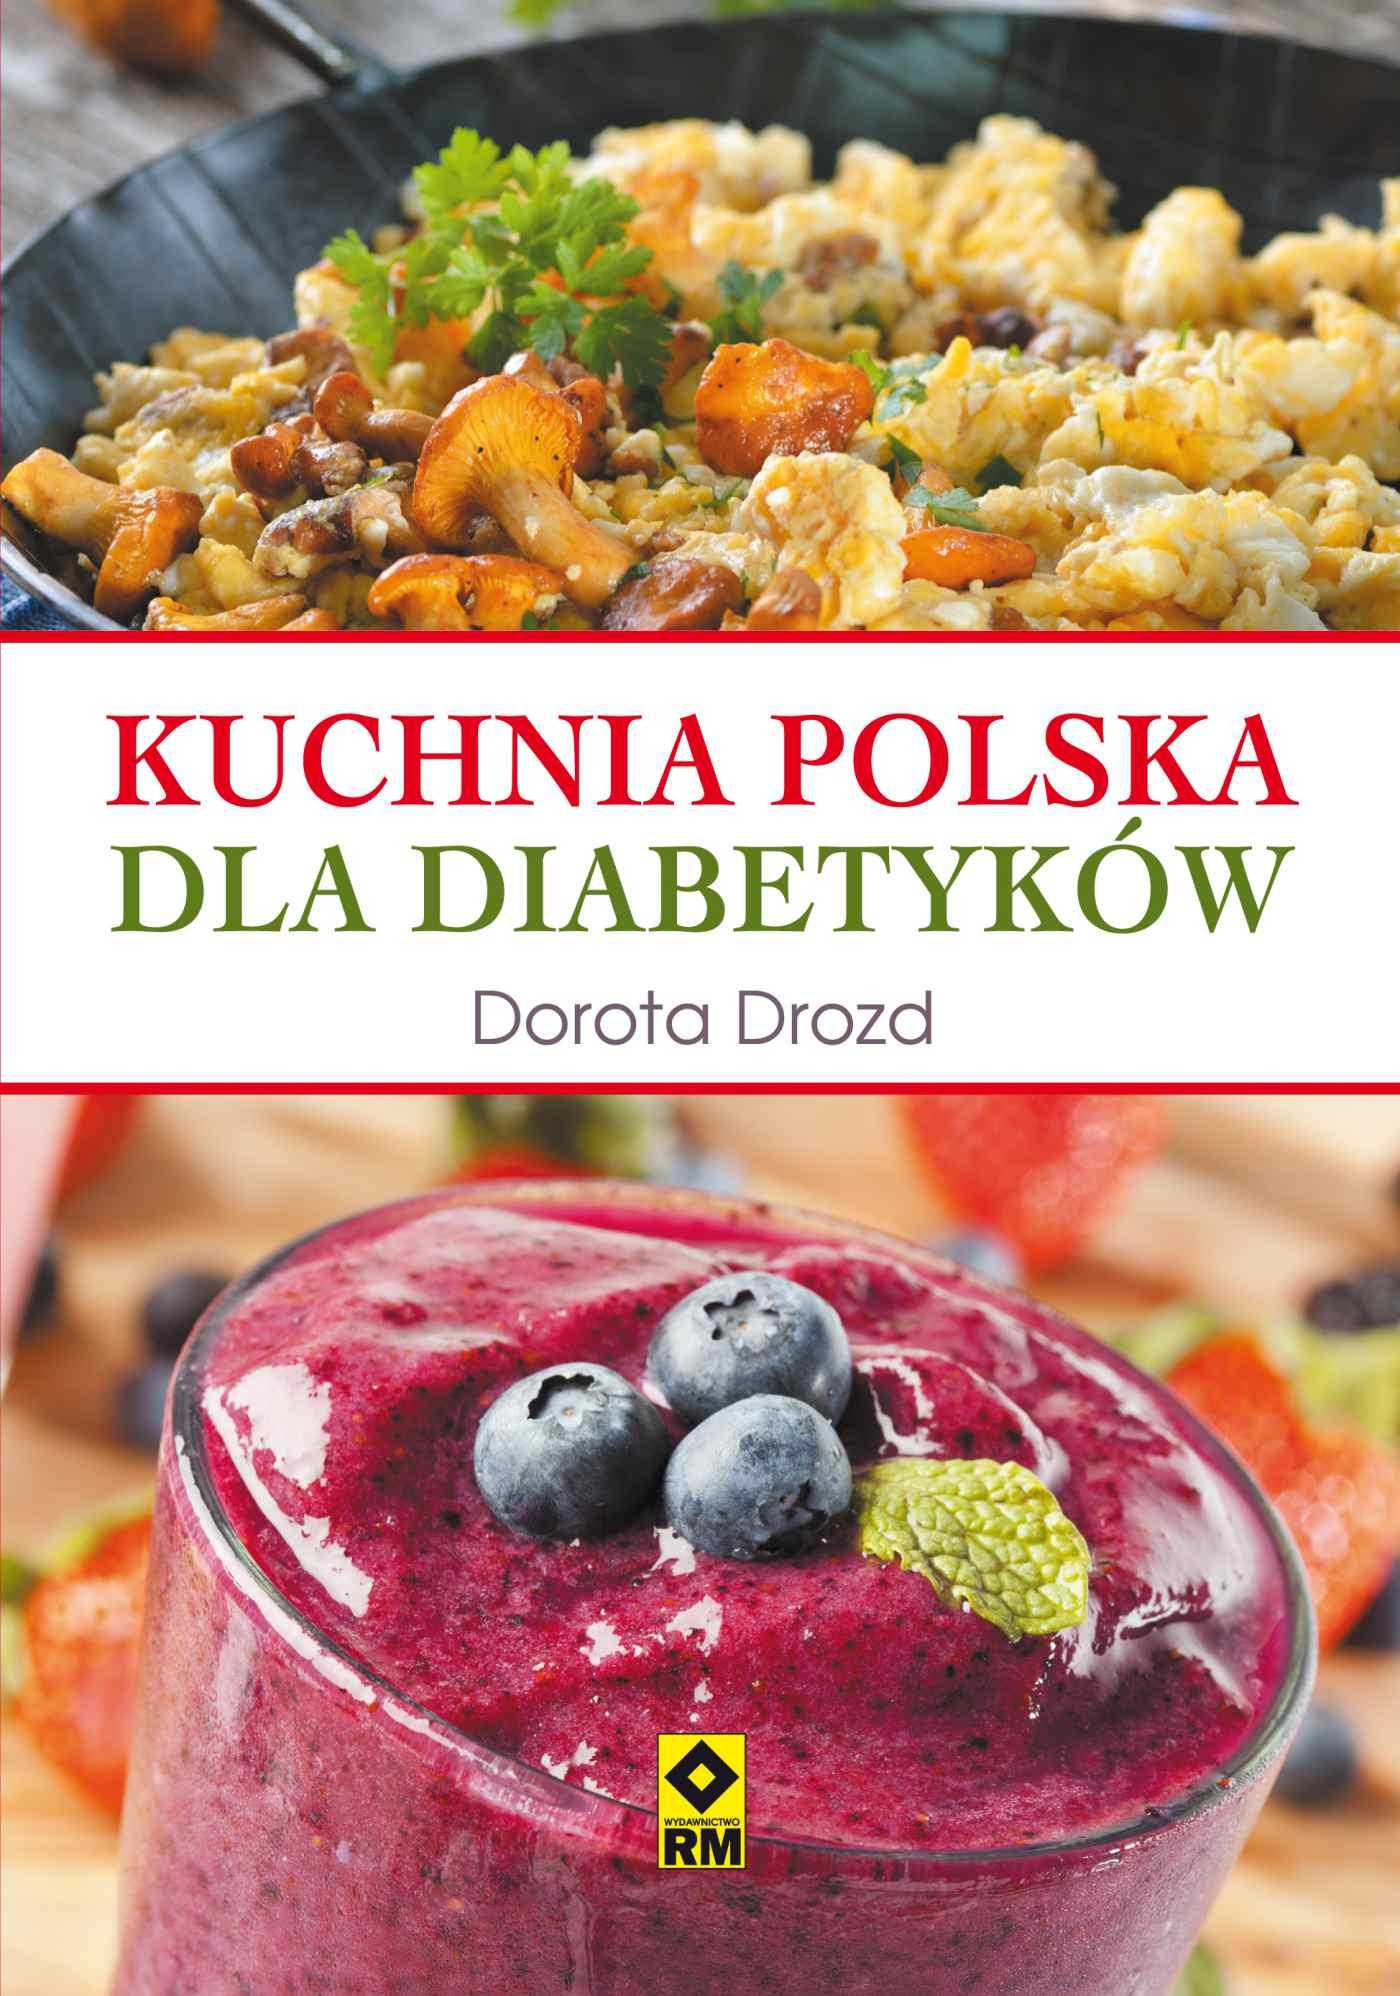 Kuchnia polska dla diabetyków - Ebook (Książka PDF) do pobrania w formacie PDF